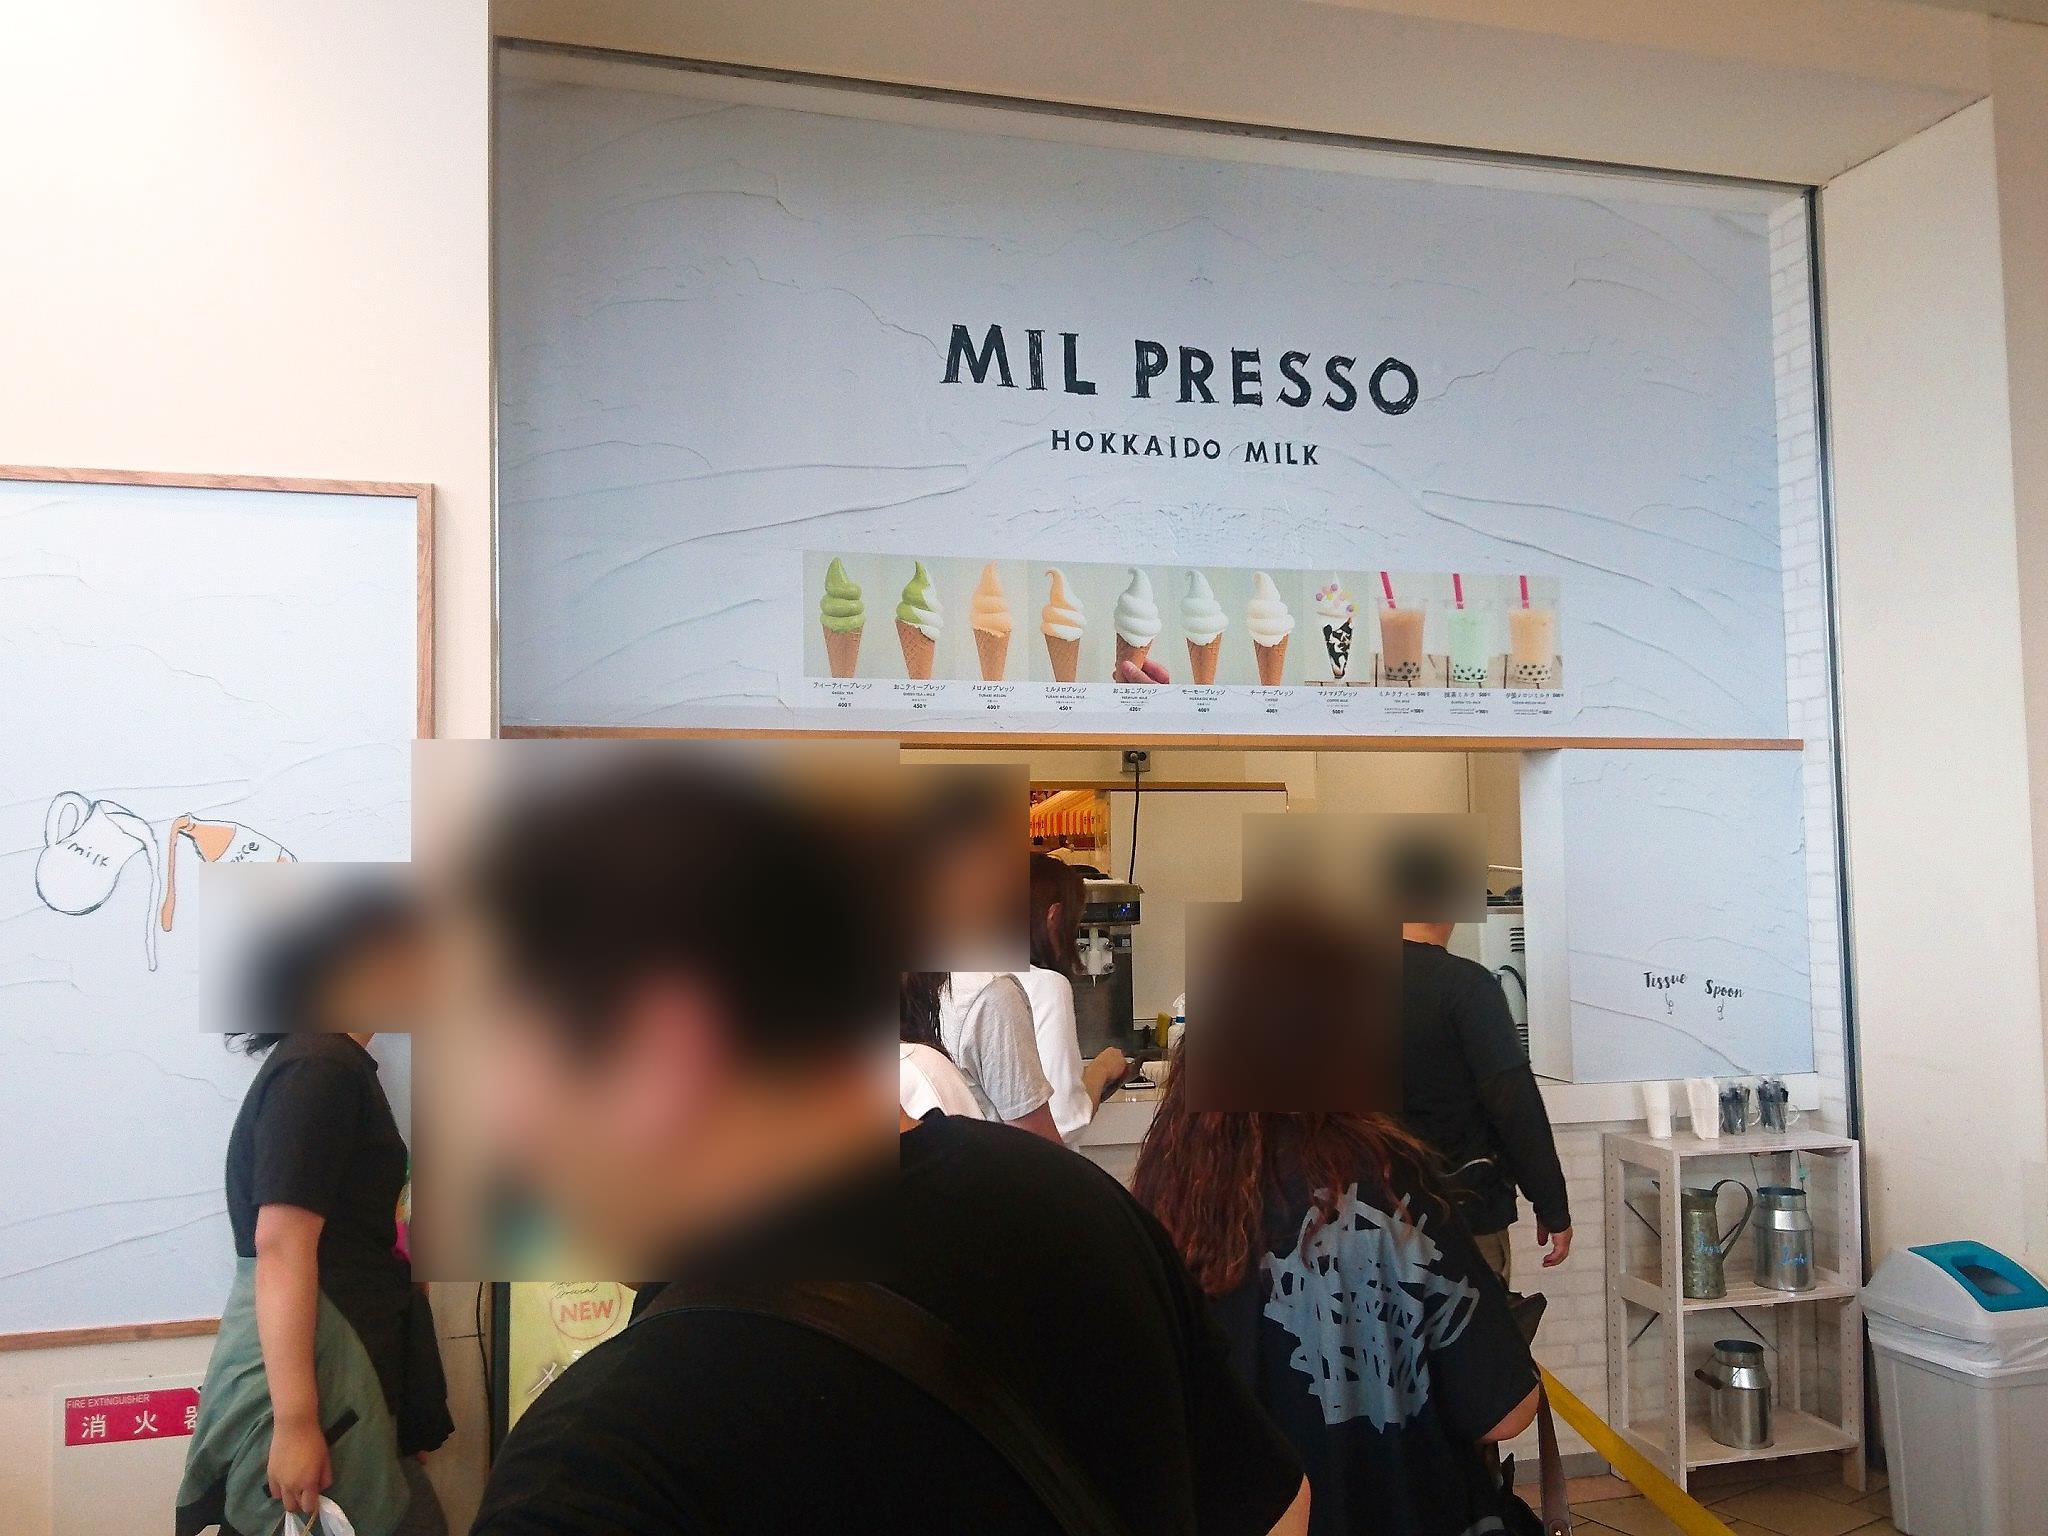 MIL PRESSO店舗前